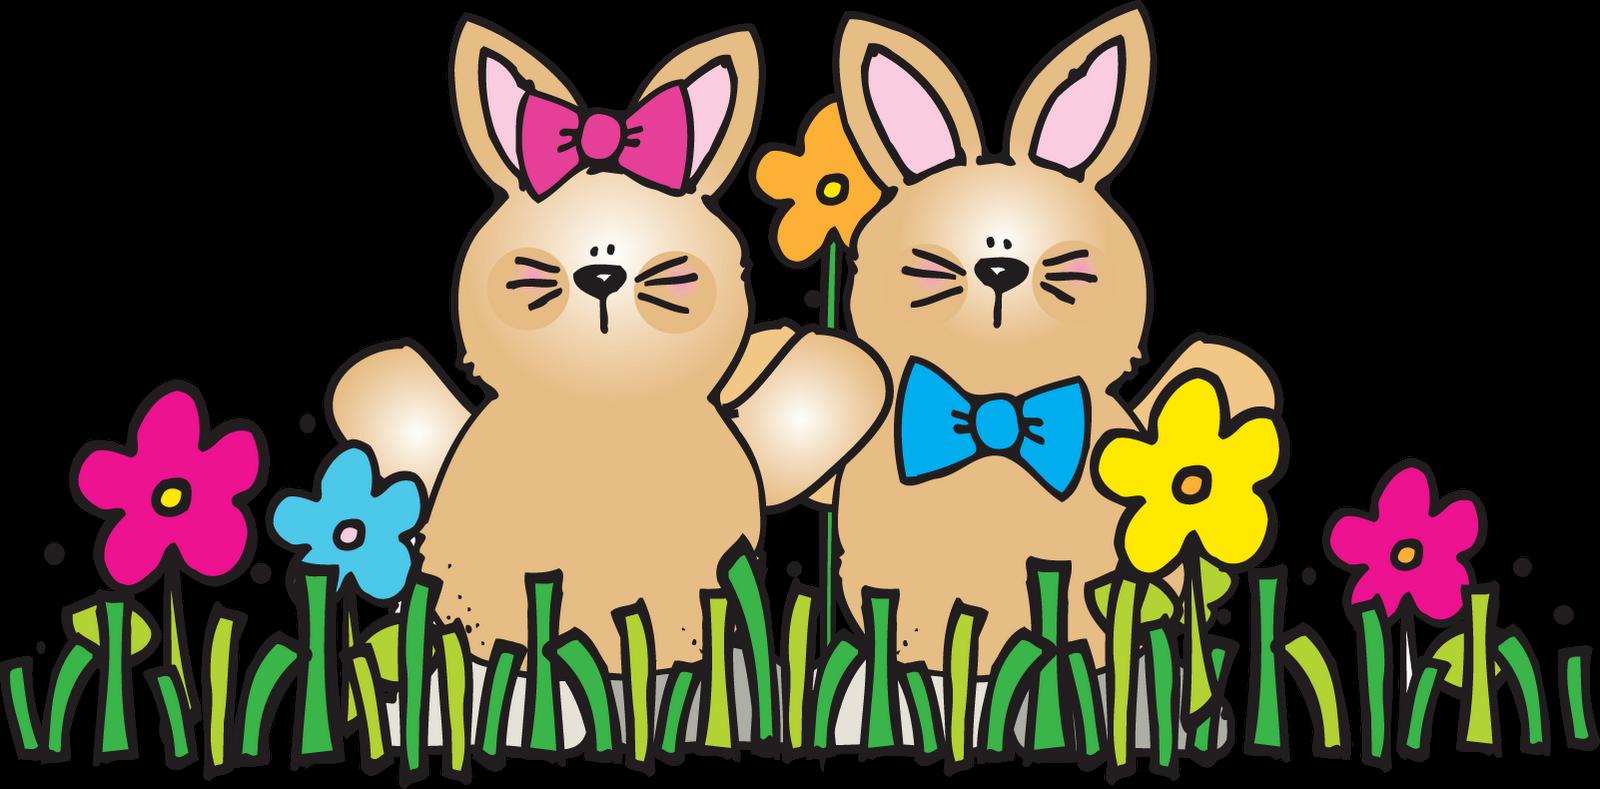 Easter Clip Art For Kids - ClipArt Best